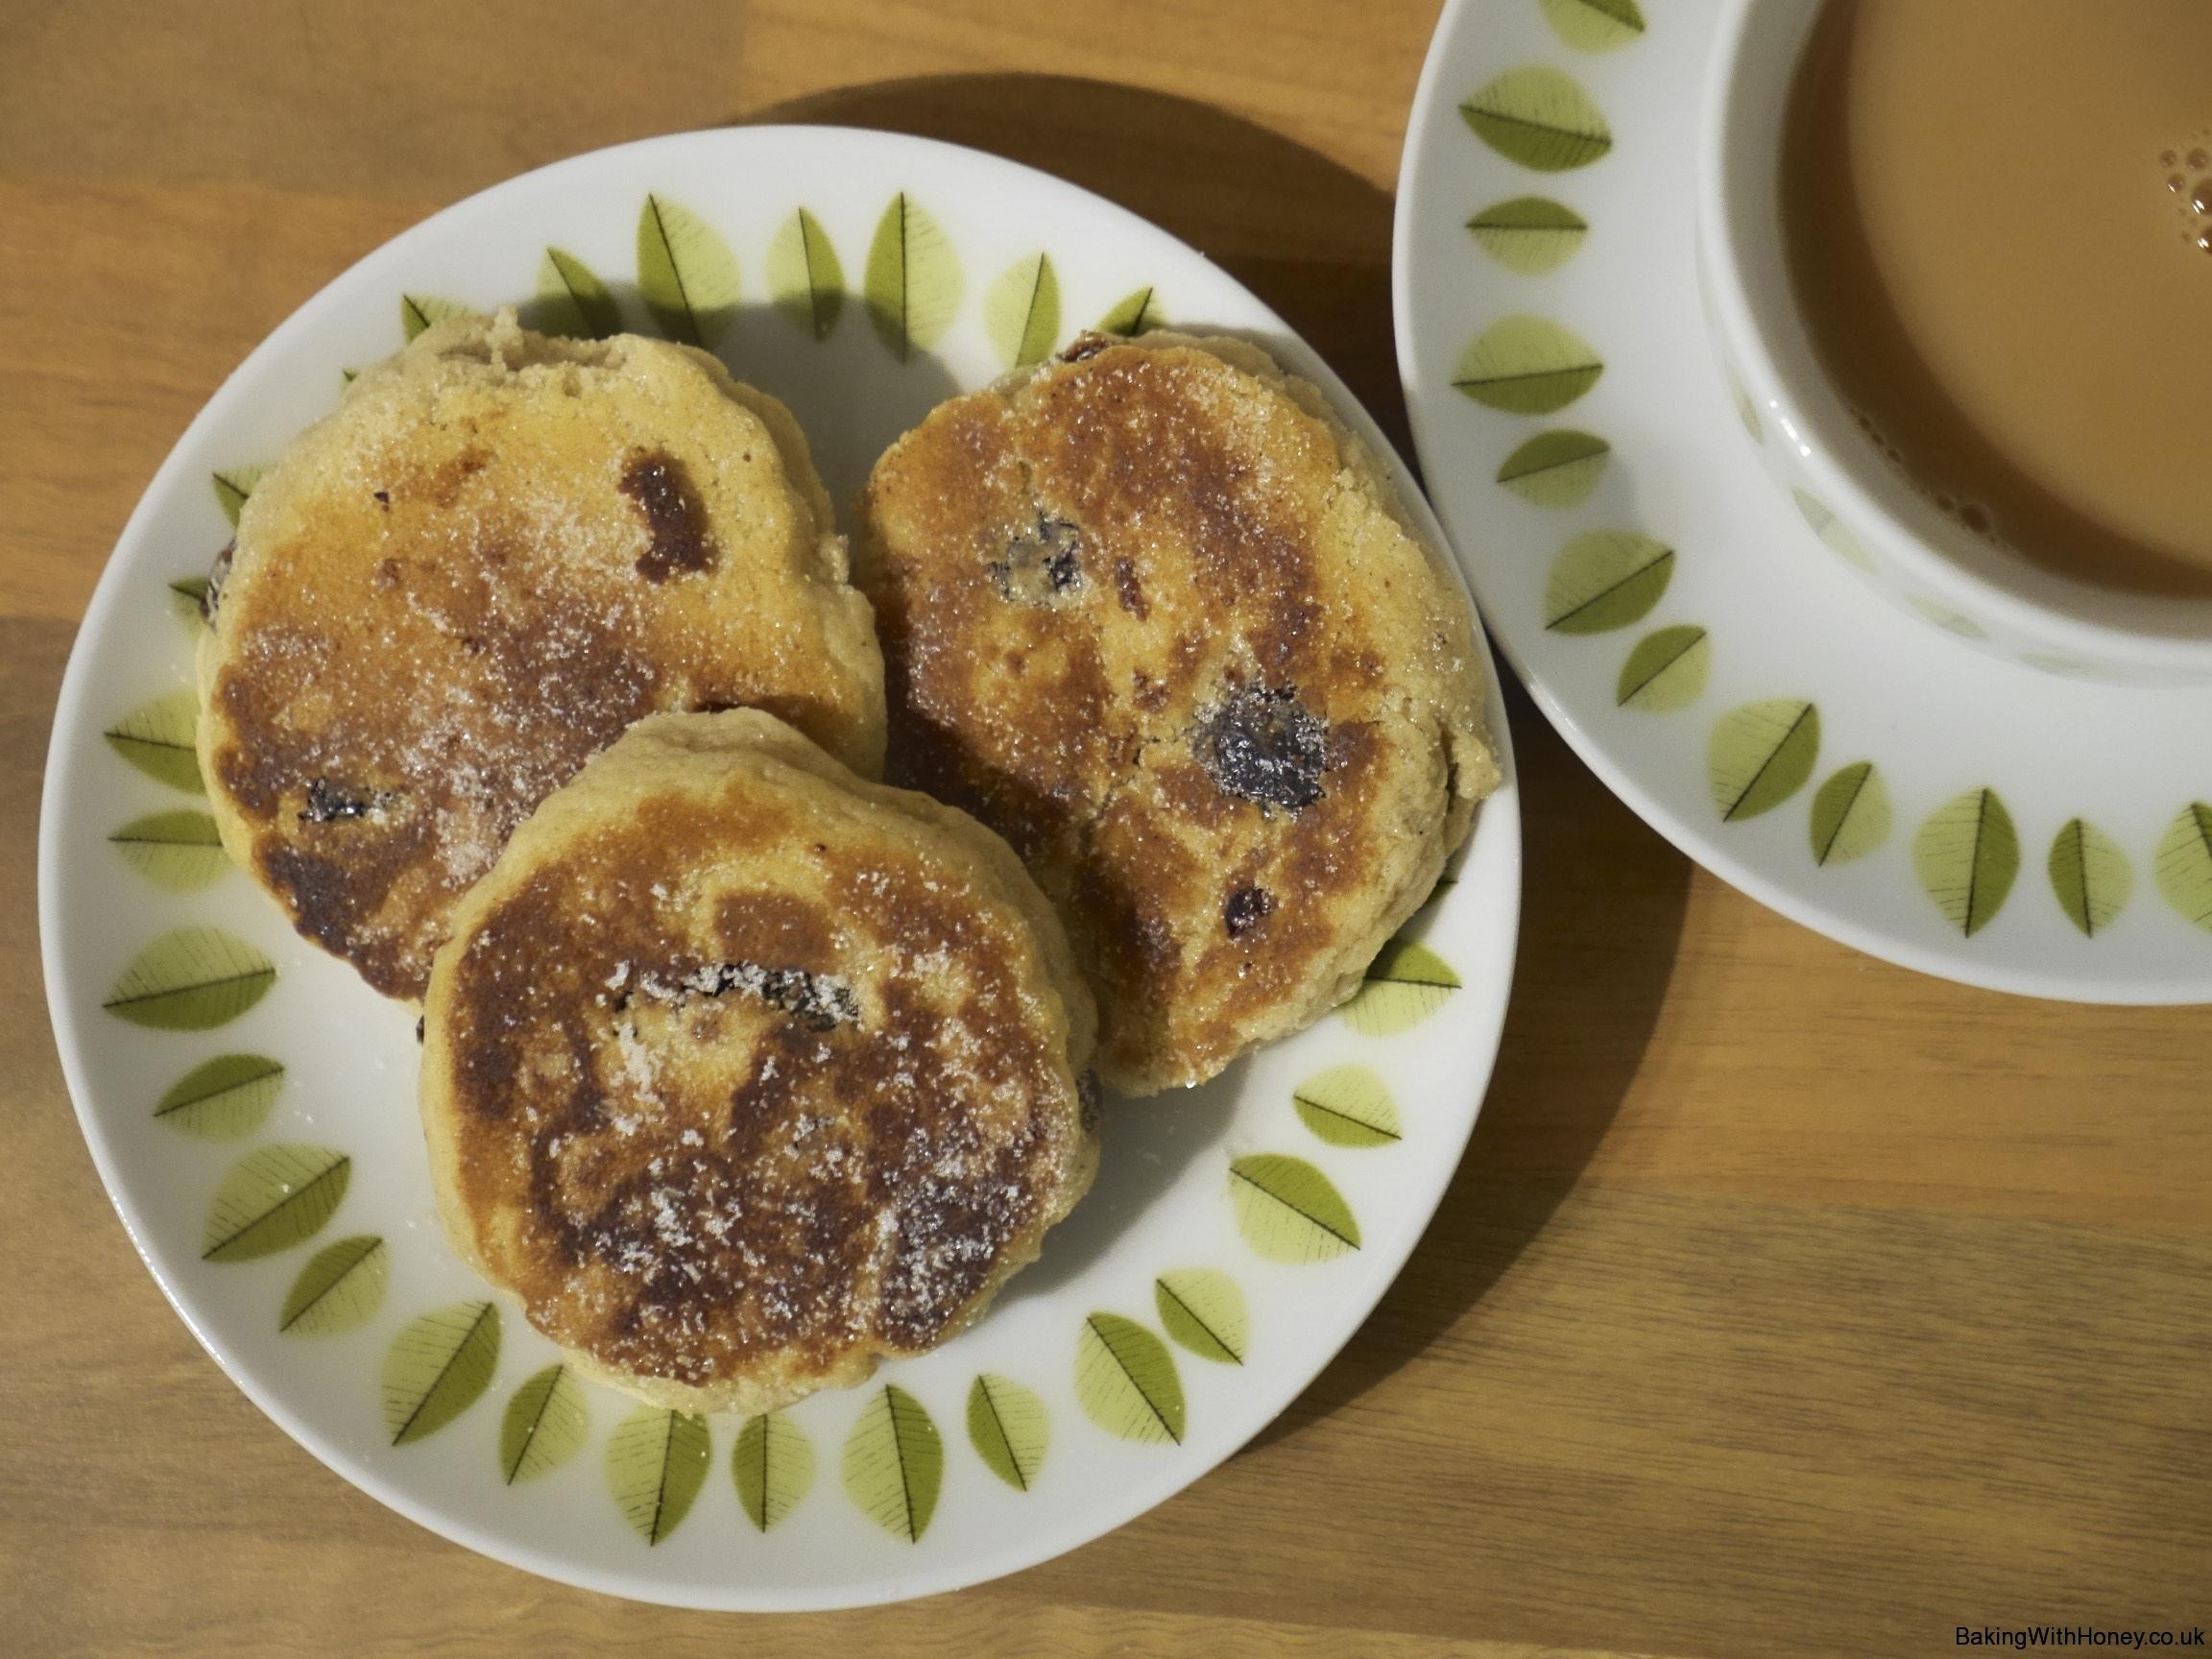 Welsh Cakes for St David's Day (Picau ar y Maen am Dydd Gŵyl Dewi)